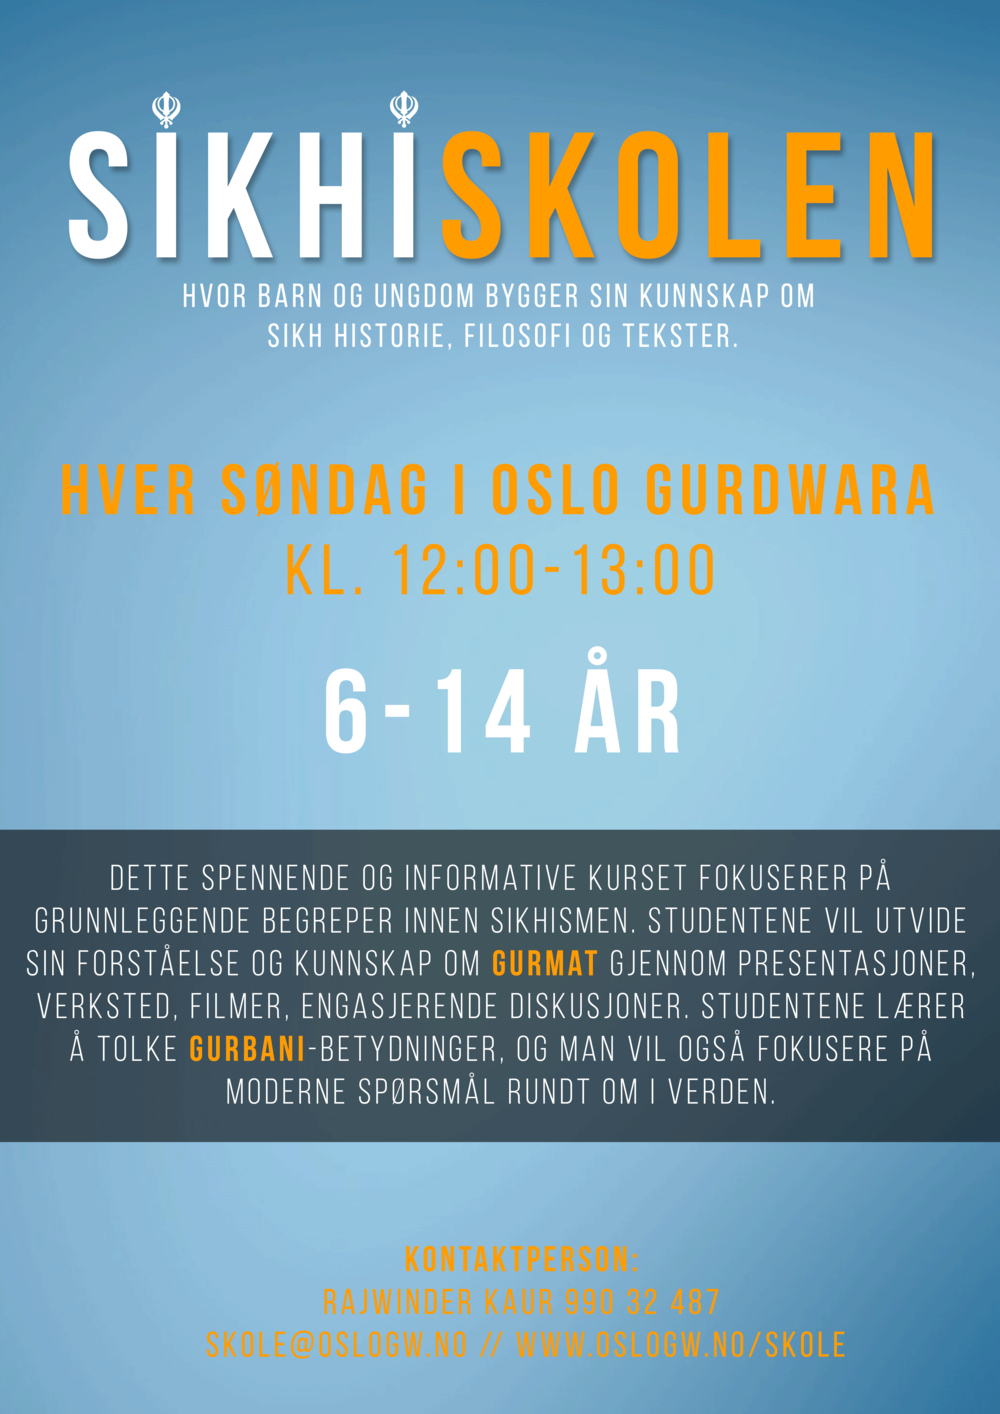 SIKHISKOLEN_PLAKATEN.png